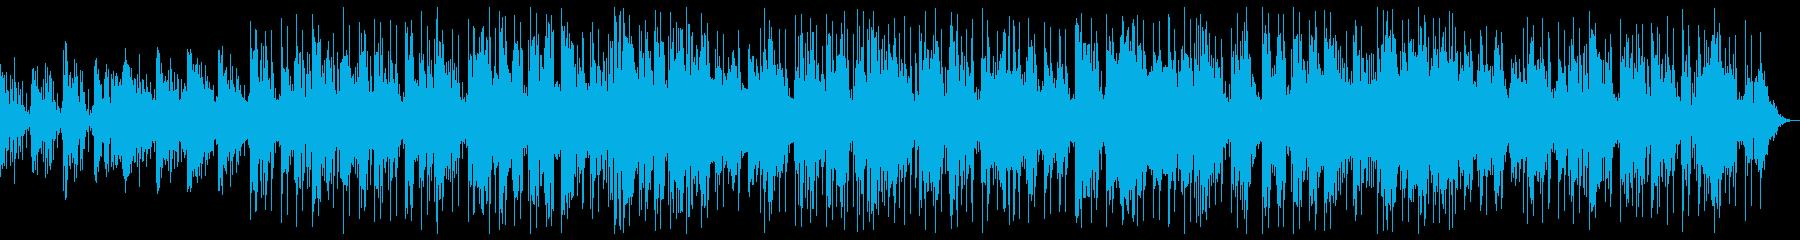 波をイメージさせるピアノバラードの再生済みの波形